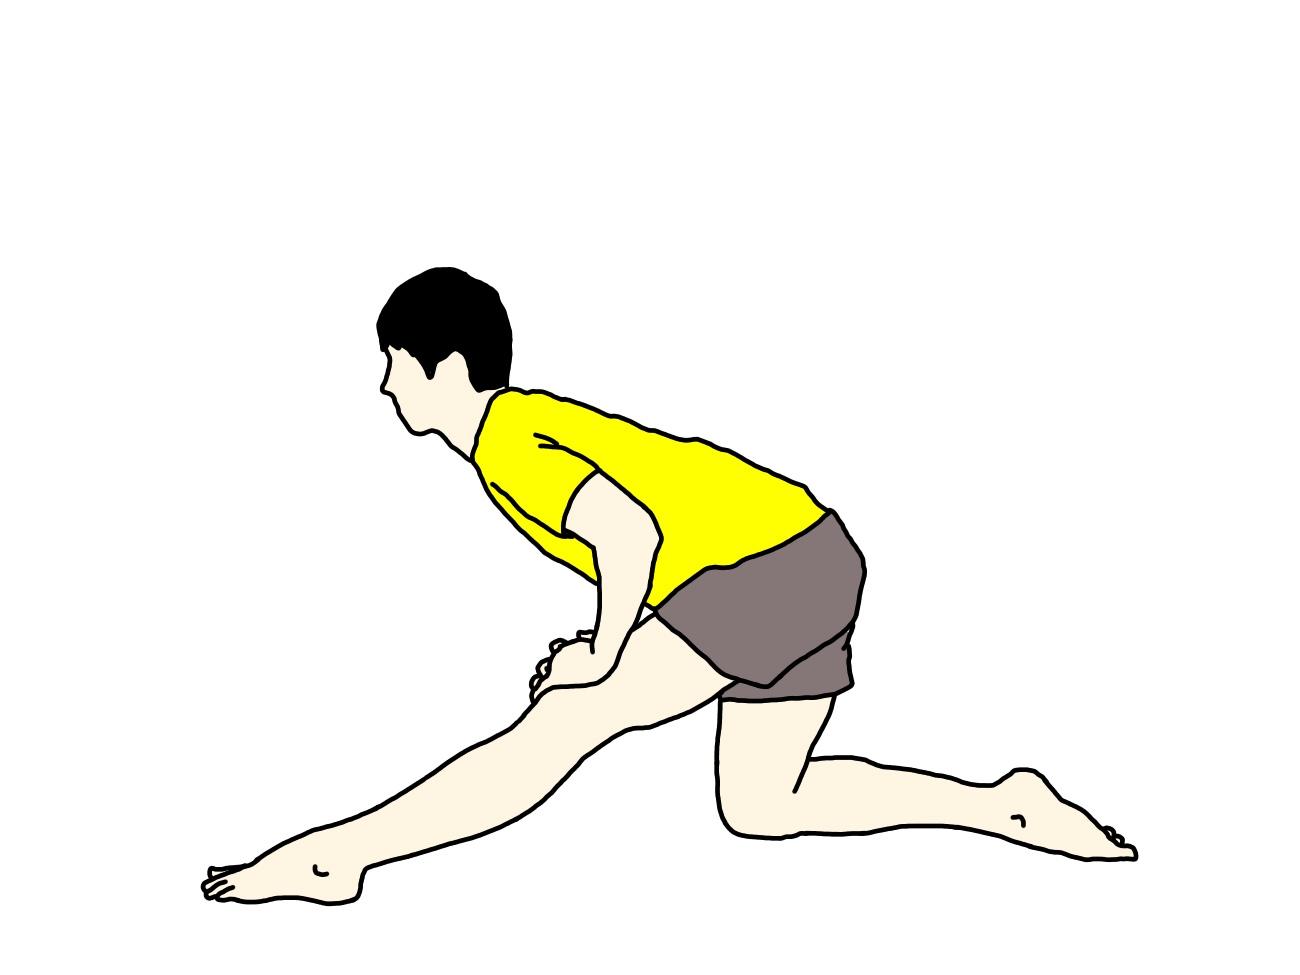 片膝立ち姿勢で行うもも裏の筋肉(ハムストリングス)のストレッチの方法